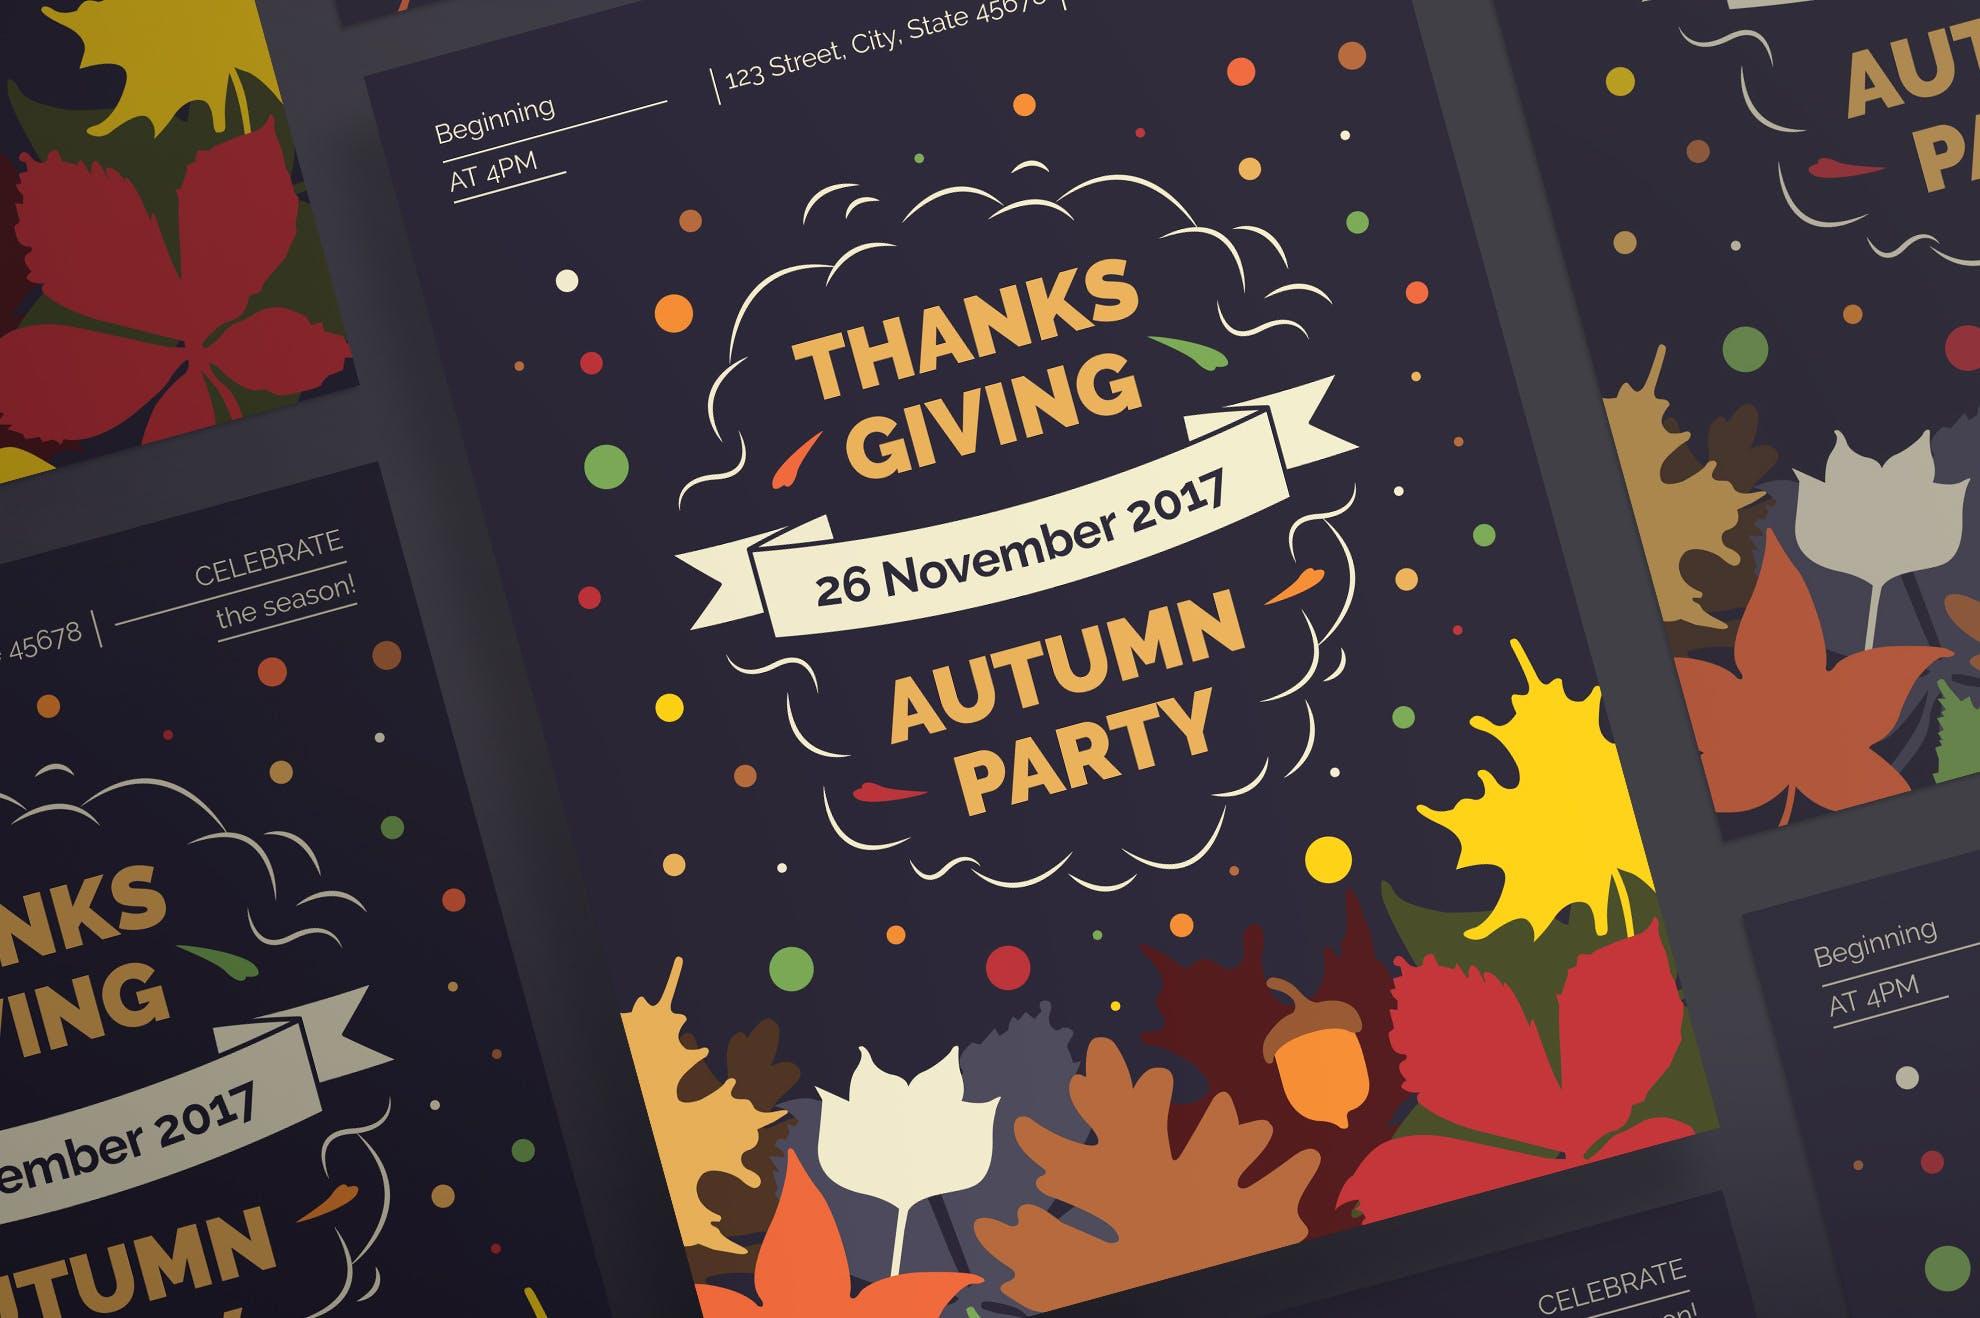 感恩节派传单和海报模板Thanksgiving Party Flyer and Poster Template